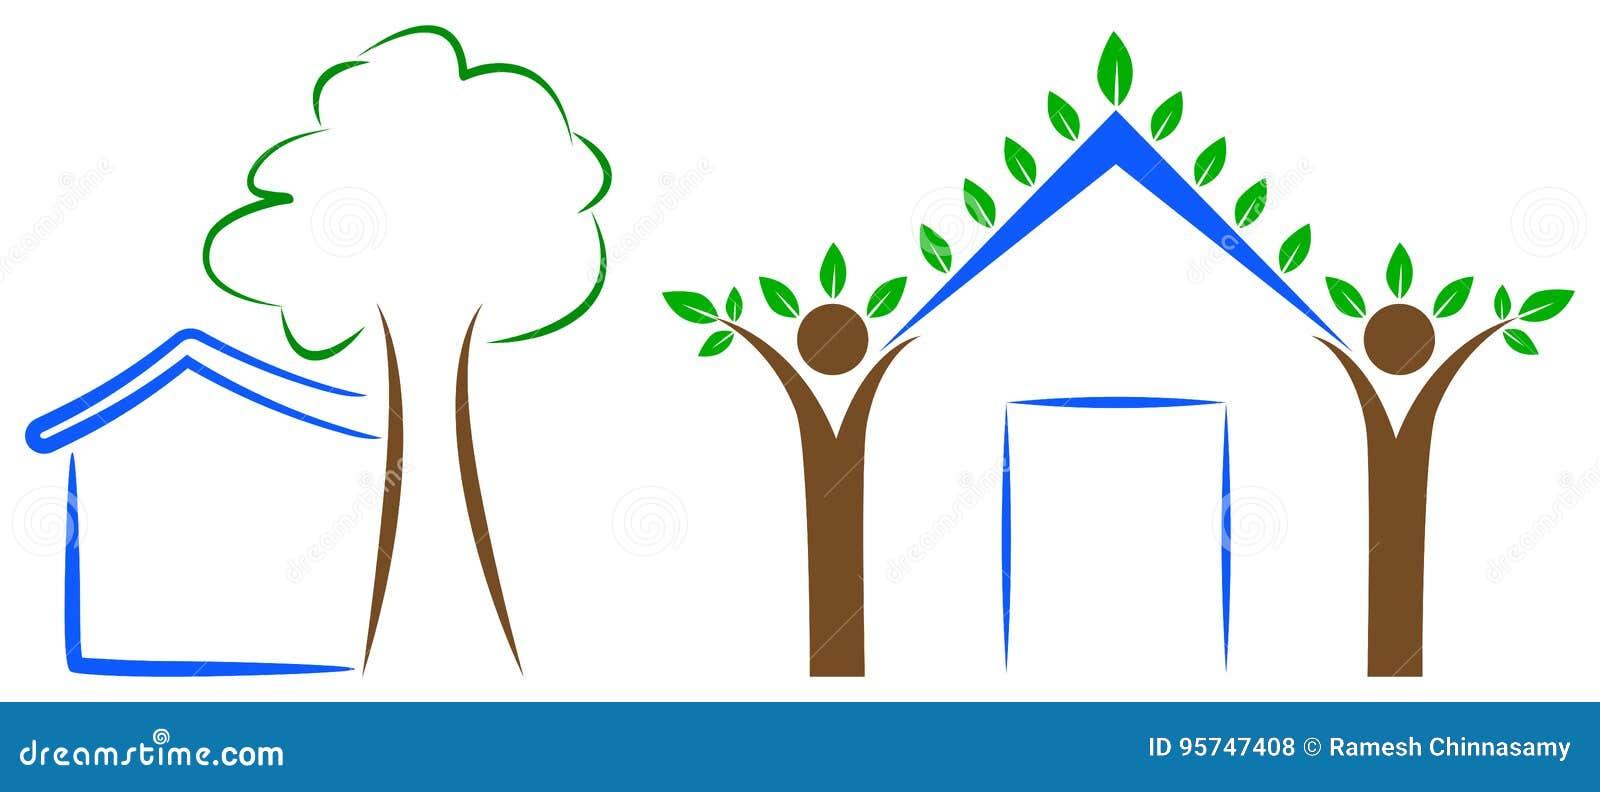 Logotipo home da árvore